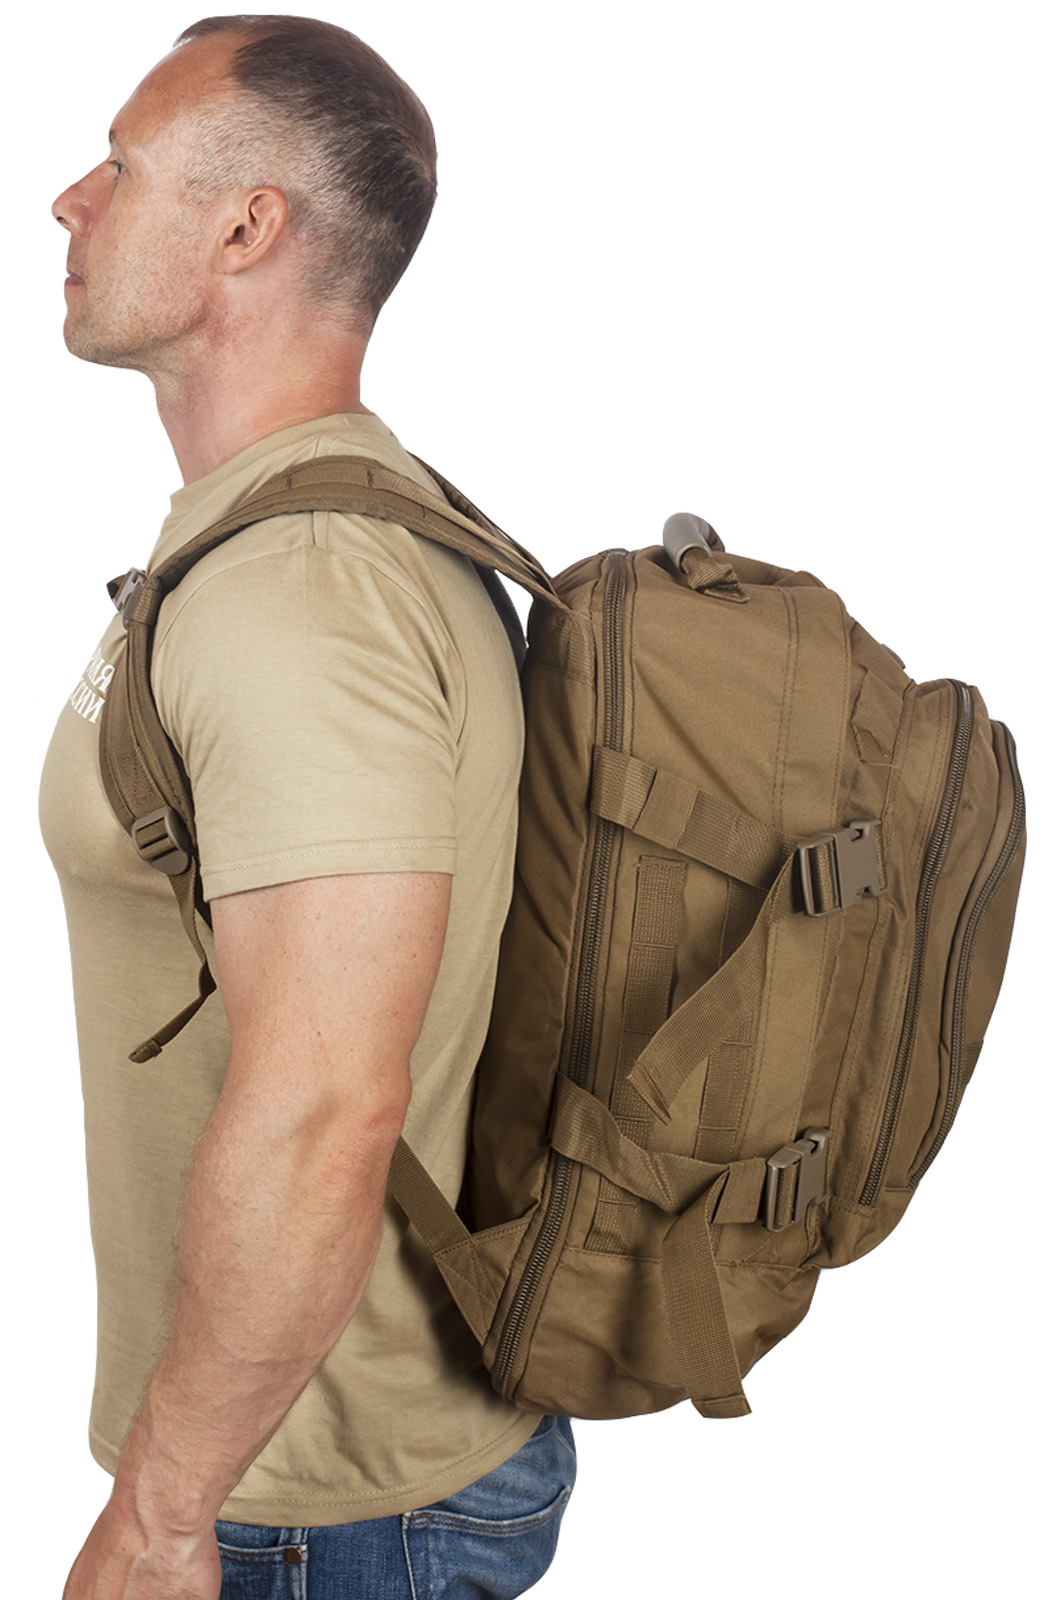 Патрульный трехдневный рюкзак 3-Day Expandable Backpack 08002B Coyote с эмблемой МВД